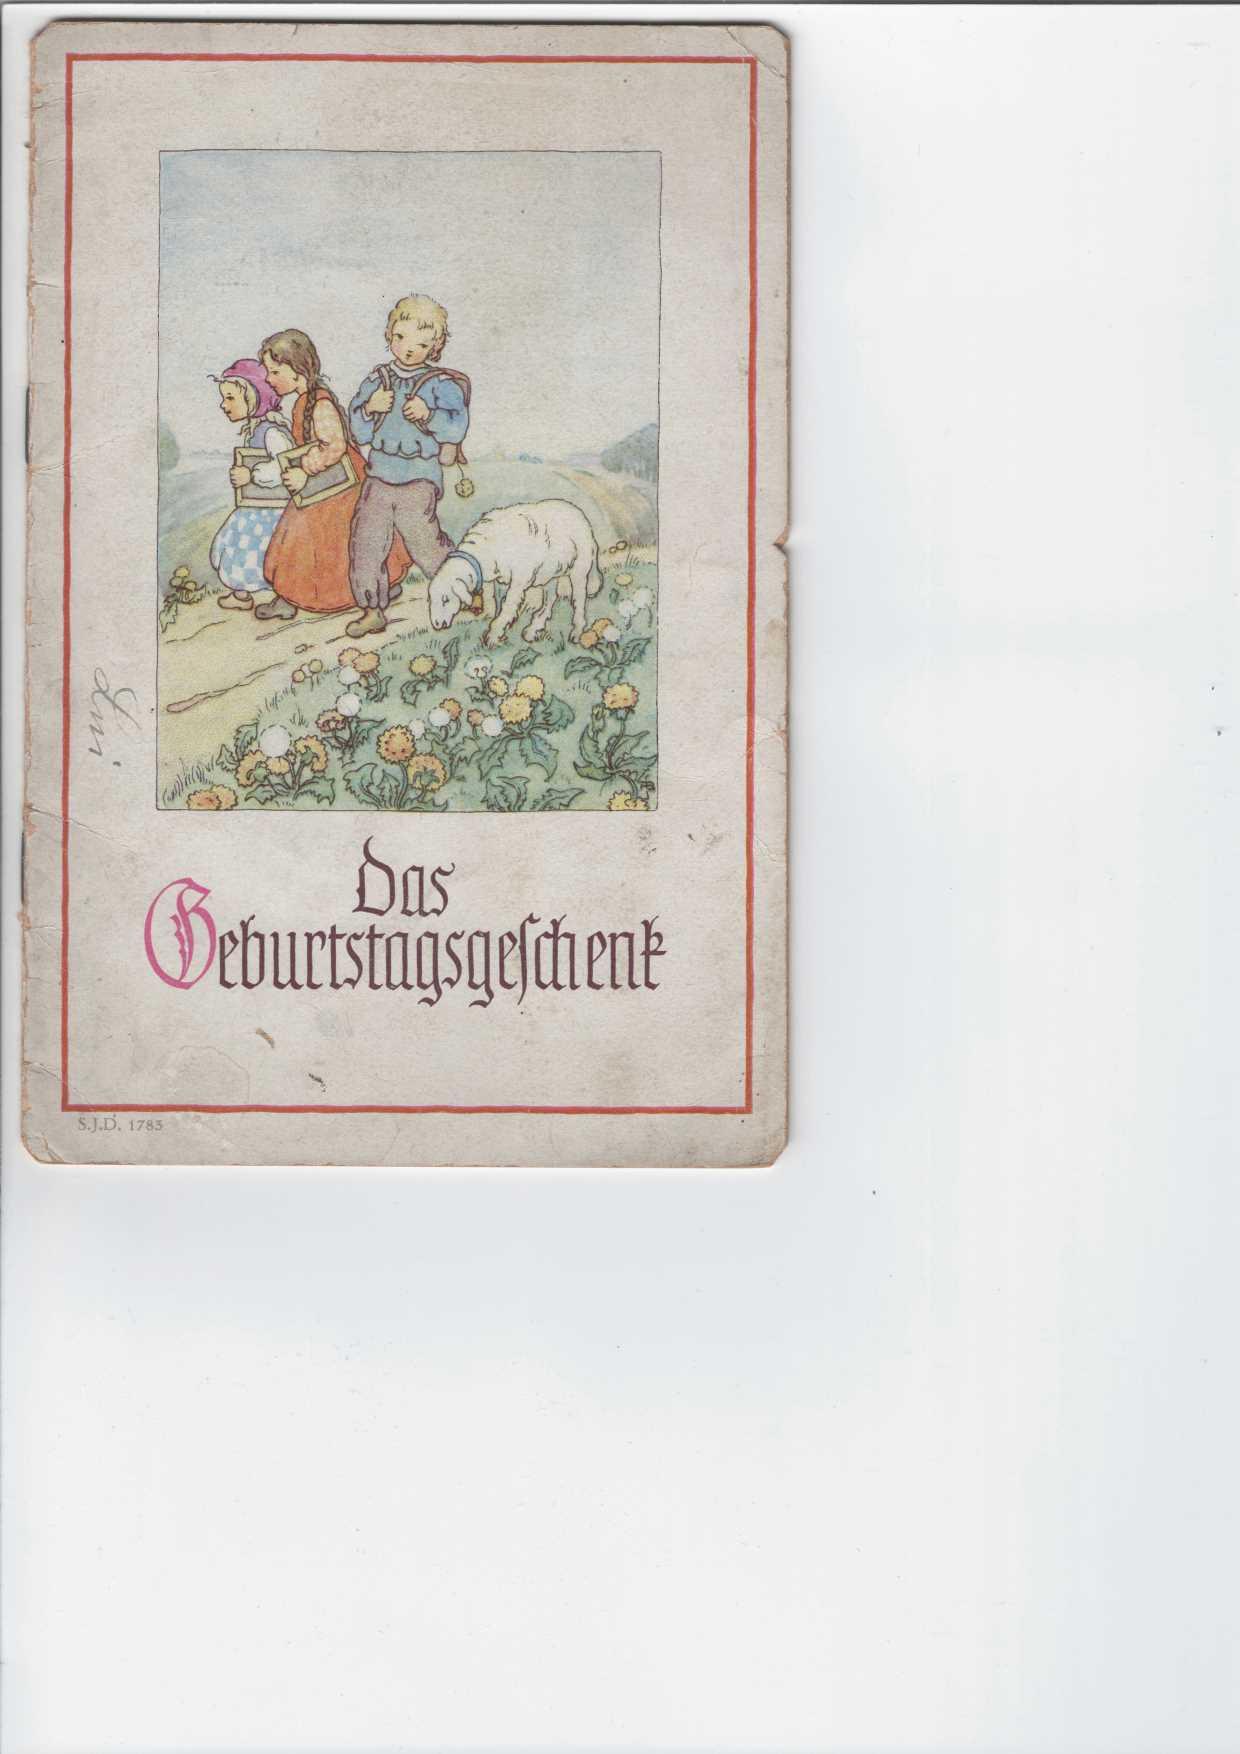 Das Geburtstagsgeschenk. Erzählung nach Anna Bachofner. Erzählungen für jung und alt, herausgegeben durch Huldreich Verus, mit zwei Zeichnungen von E. Voigt. Heft Nr. 1783 (S.J.D.).